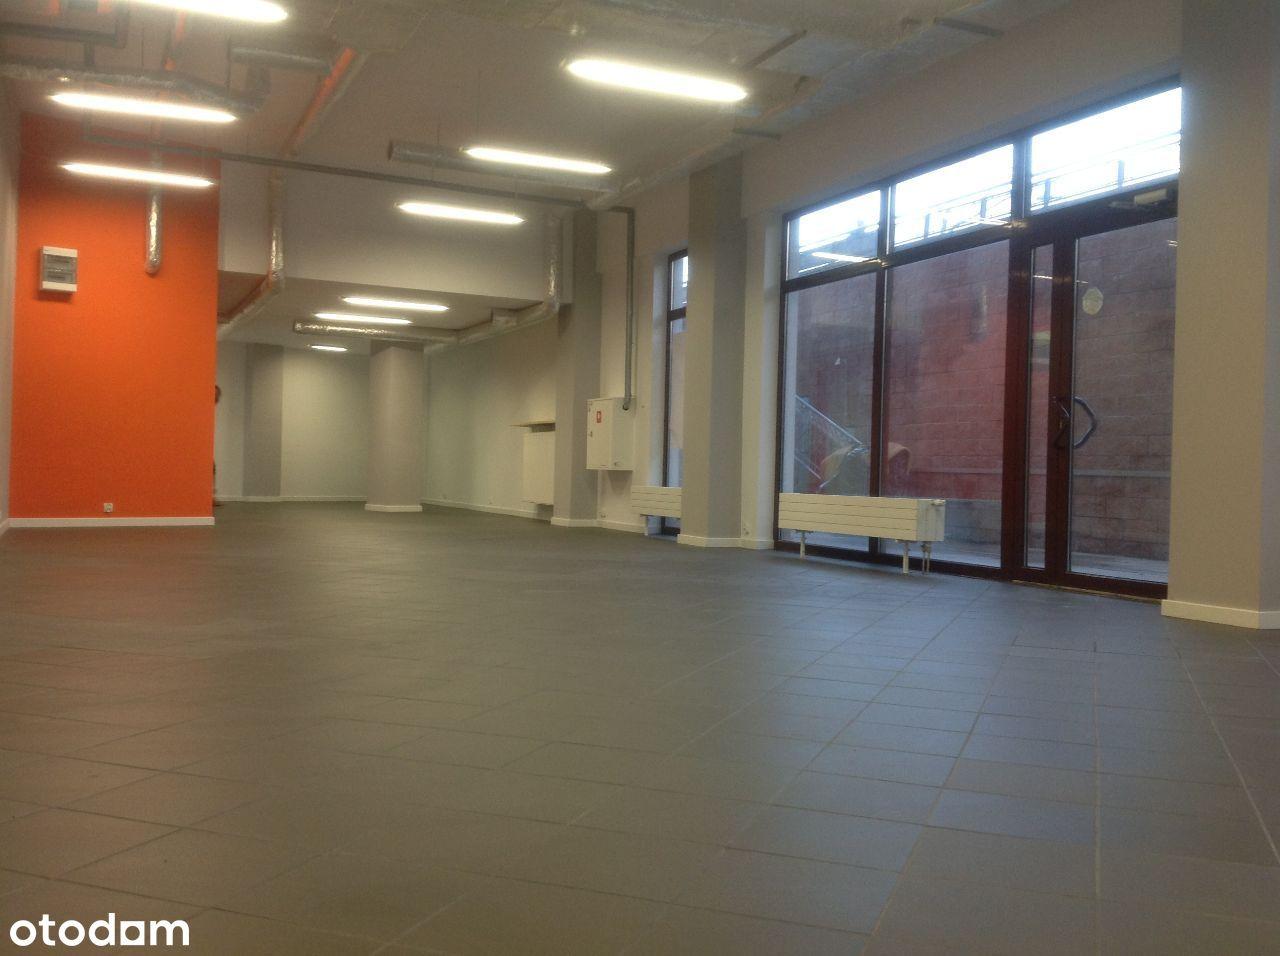 Lokal usługowy 131 m2, na biuro, usługi, handel